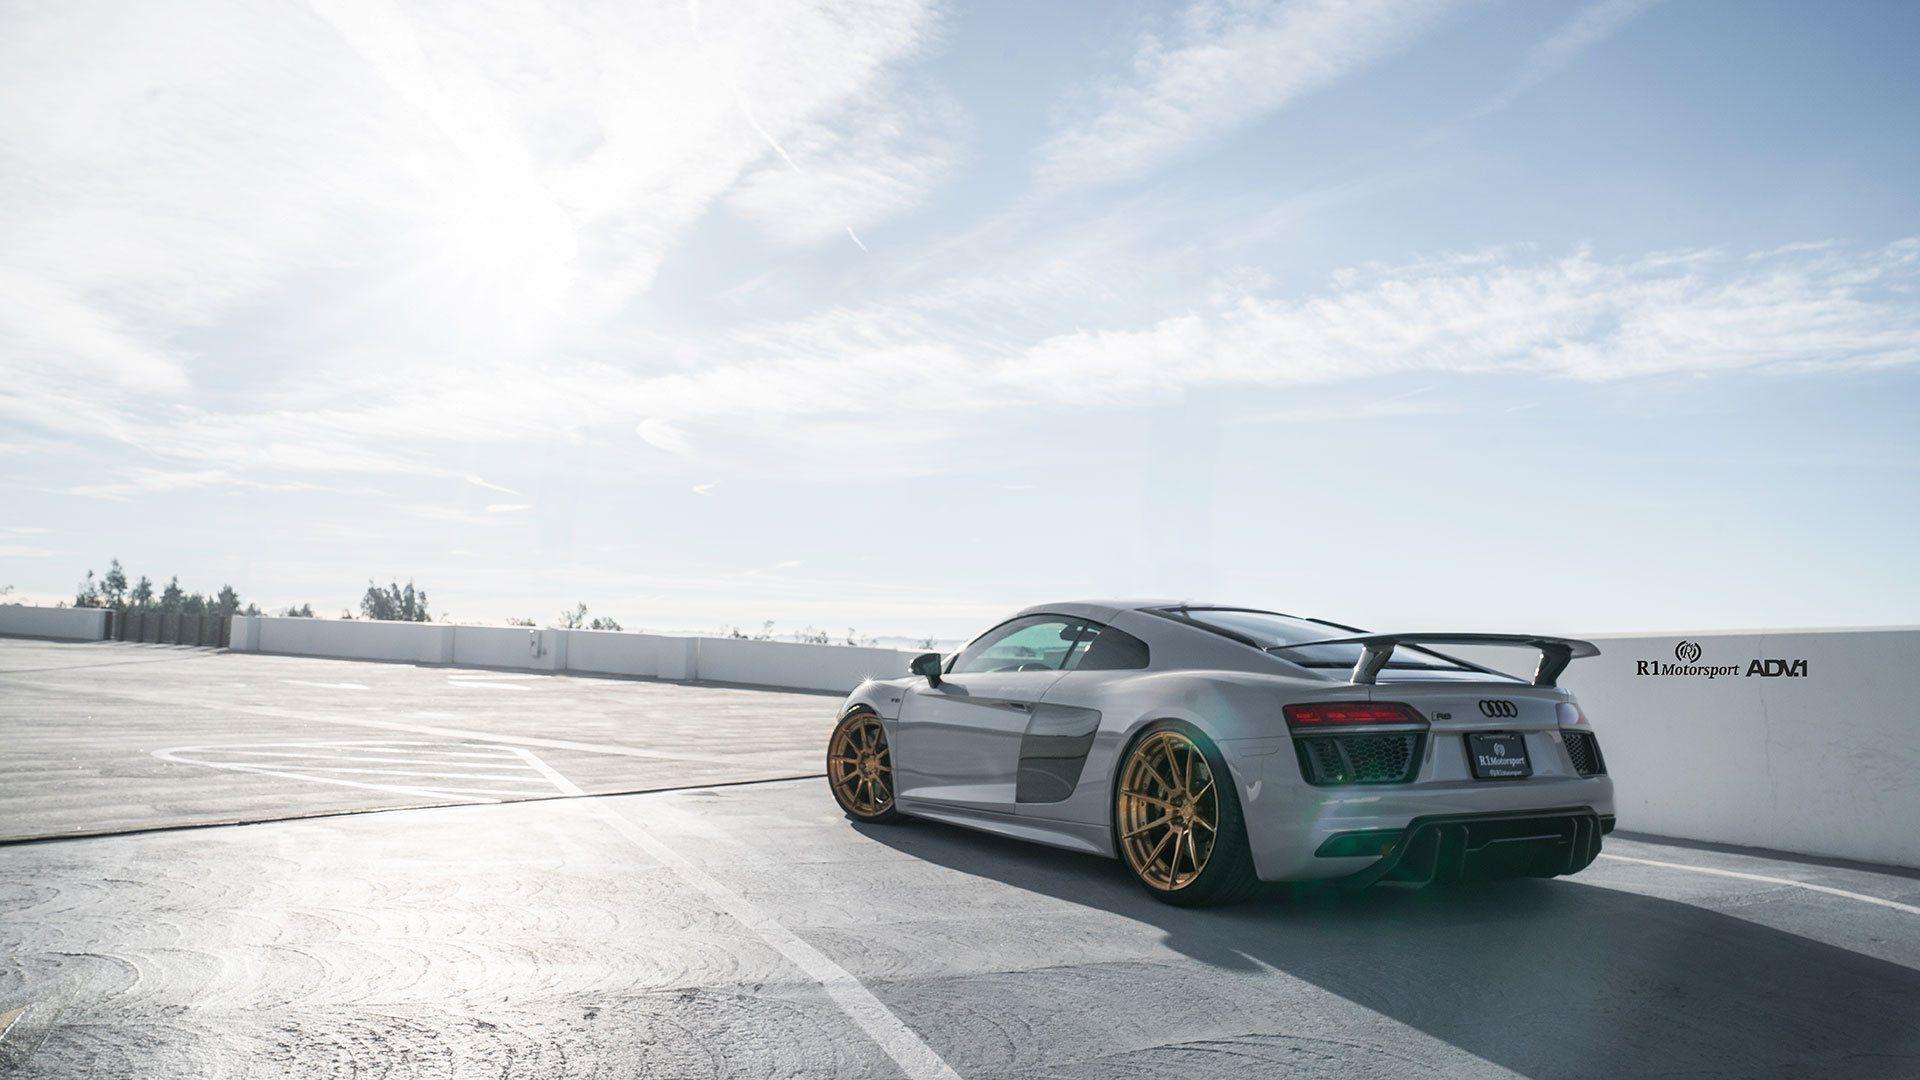 2020 Audi R8 V10 Spyder Specs In 2020 Audi R8 V10 Audi R8 Audi